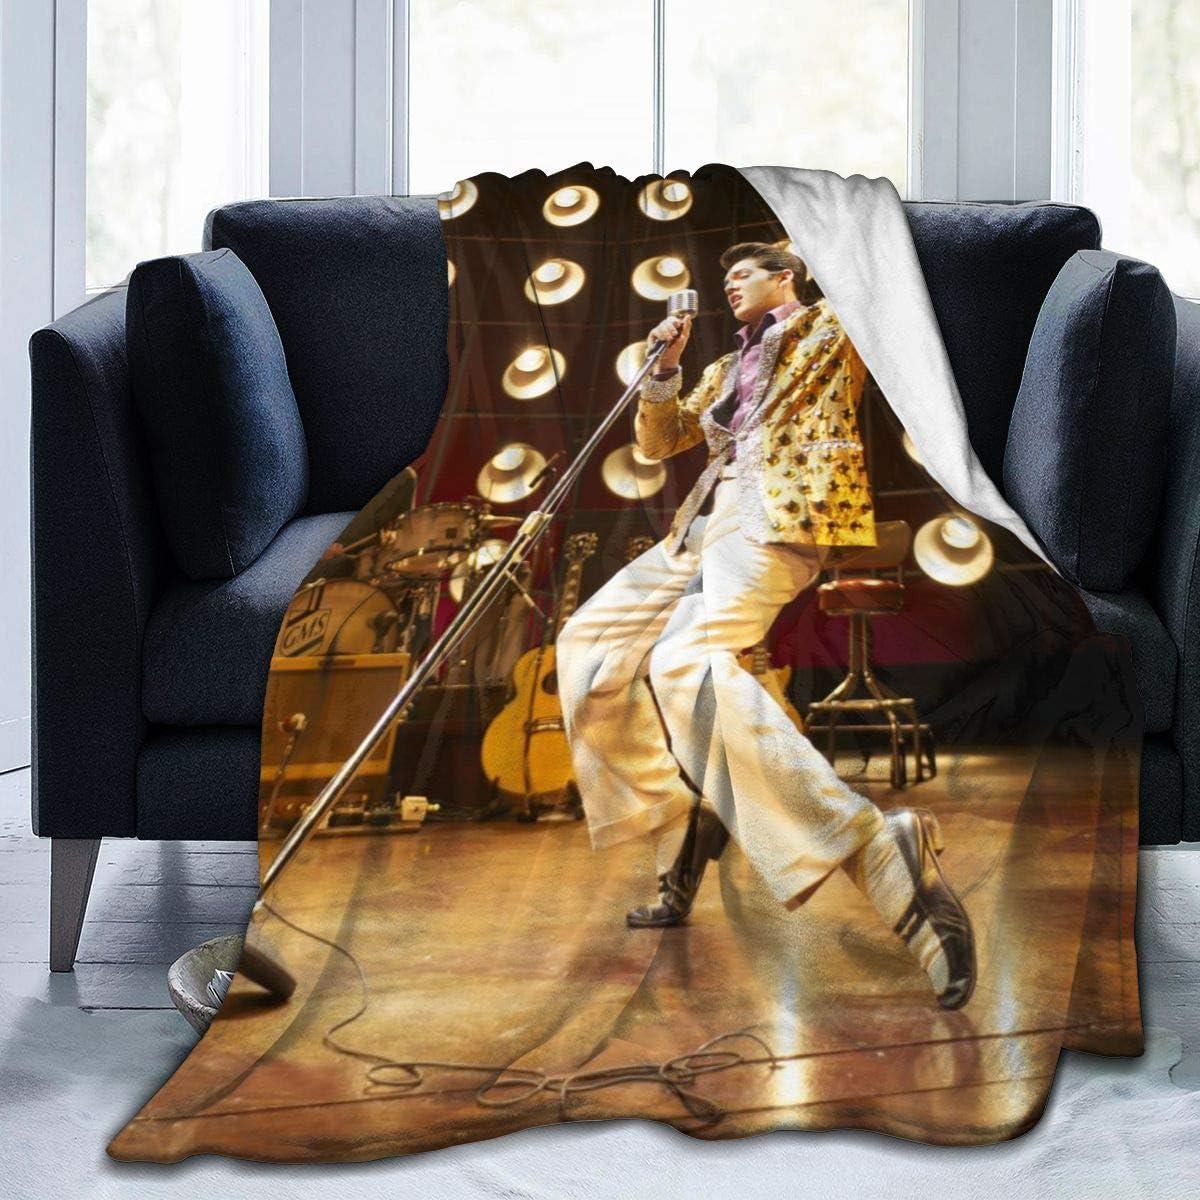 El_vis Pre_sley Ultra-Soft Micro Fleece Blanket Throw